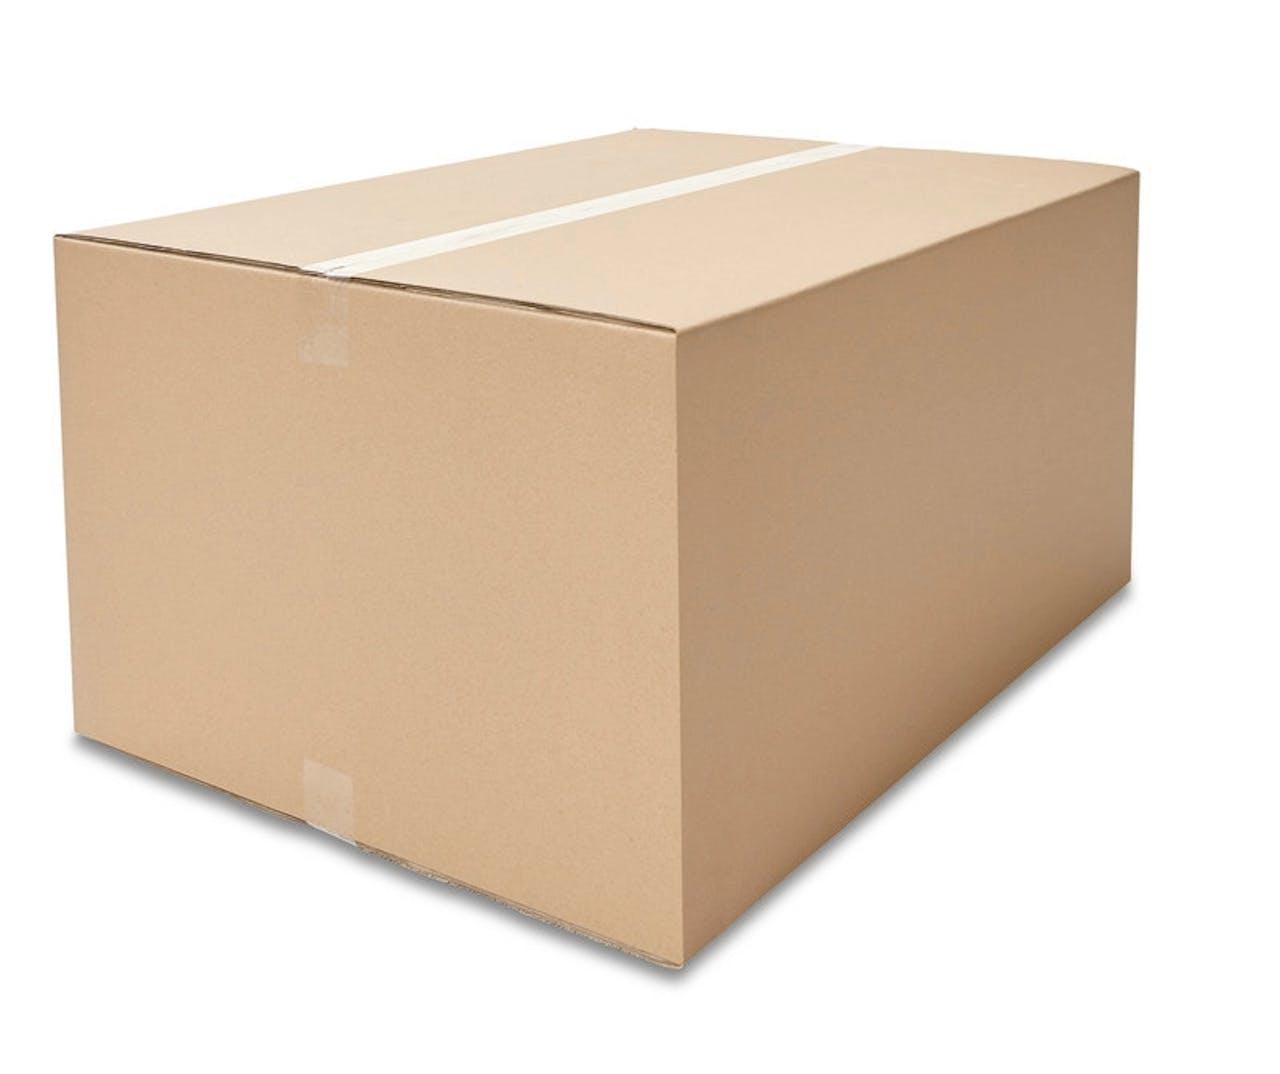 Caisses pliantes carton ondulé ECONOMY, 600à 799mm de longueur